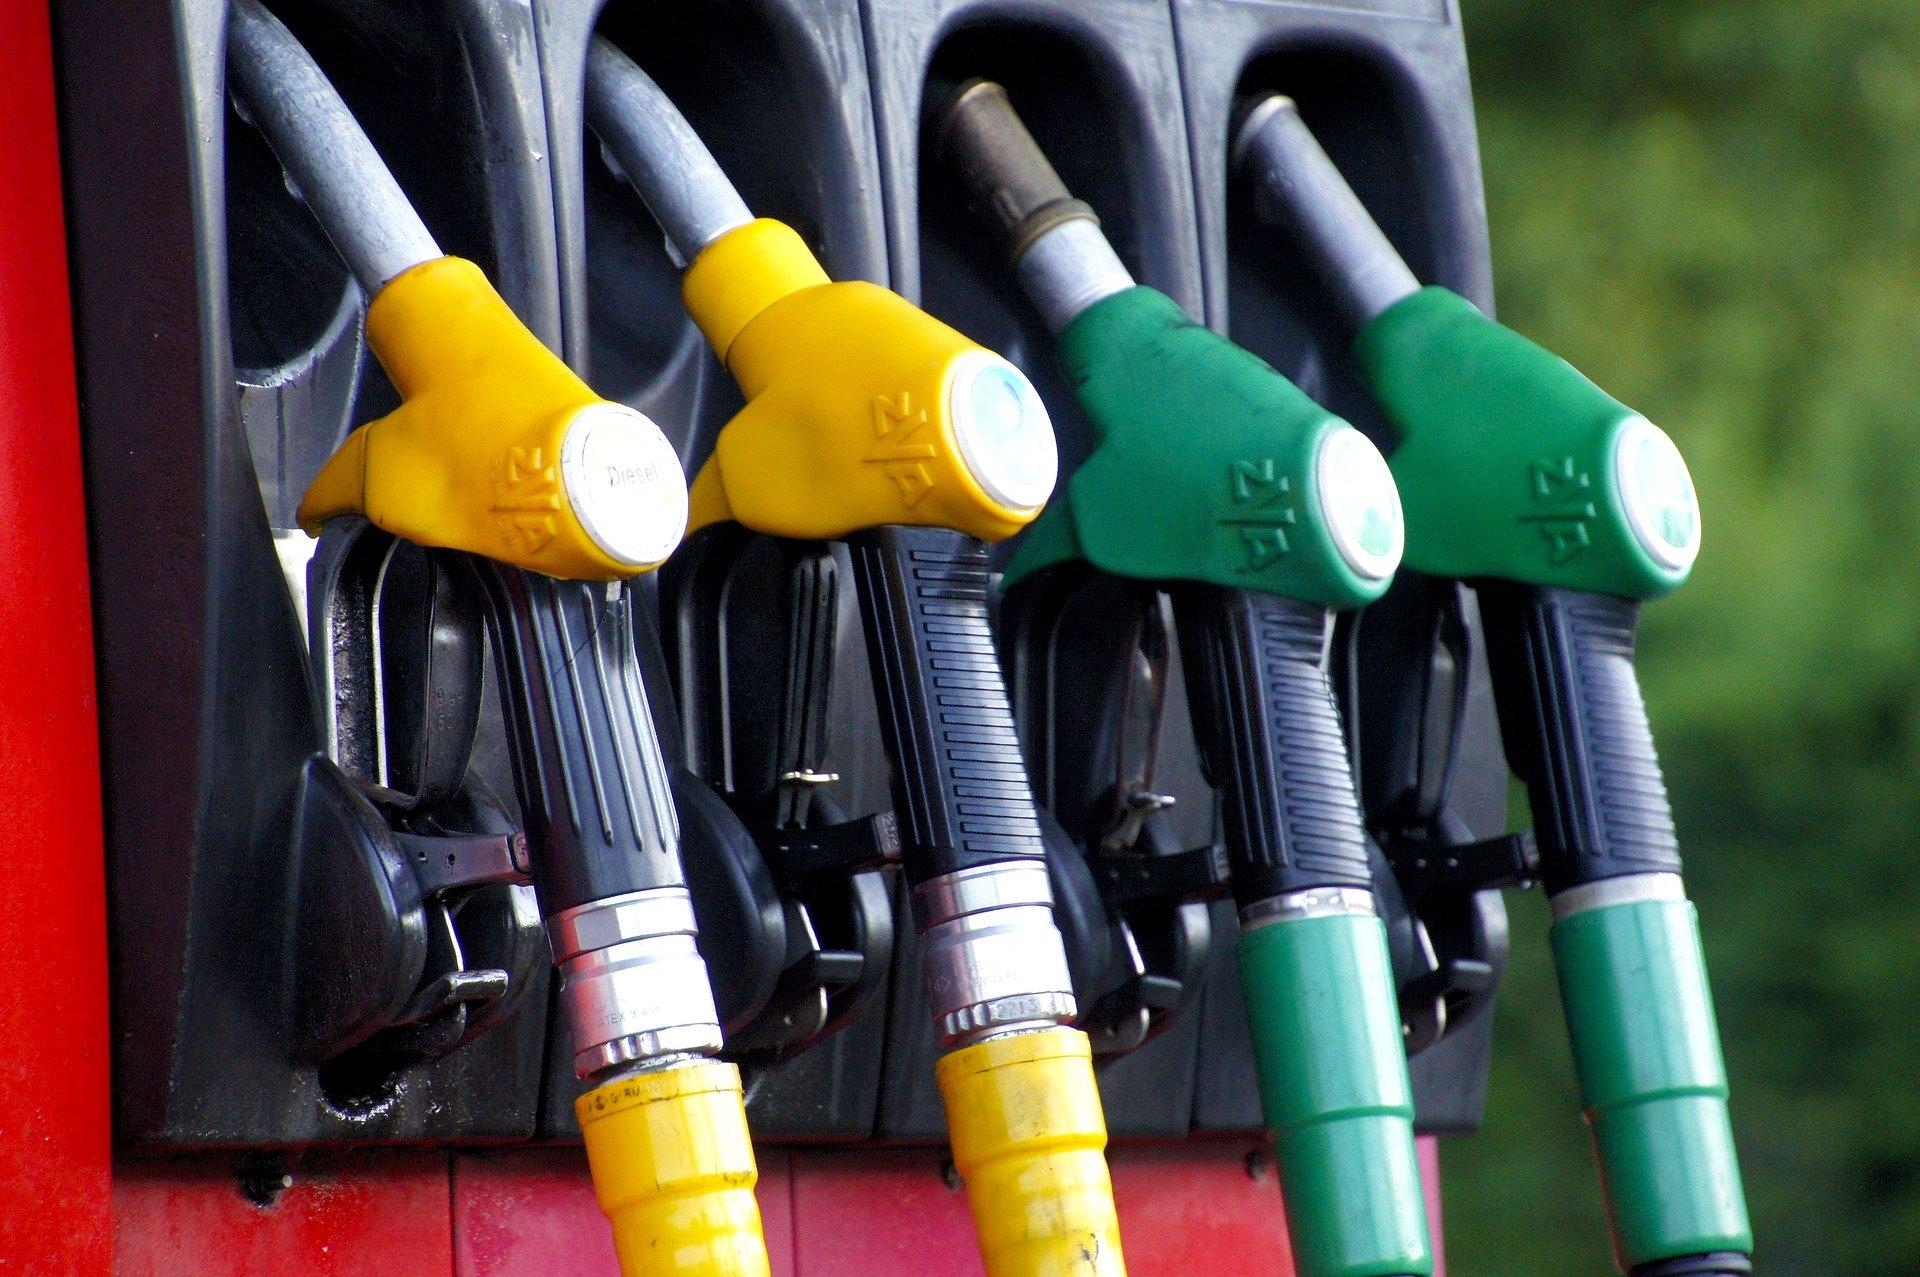 fuel-1596622_1920.jpg